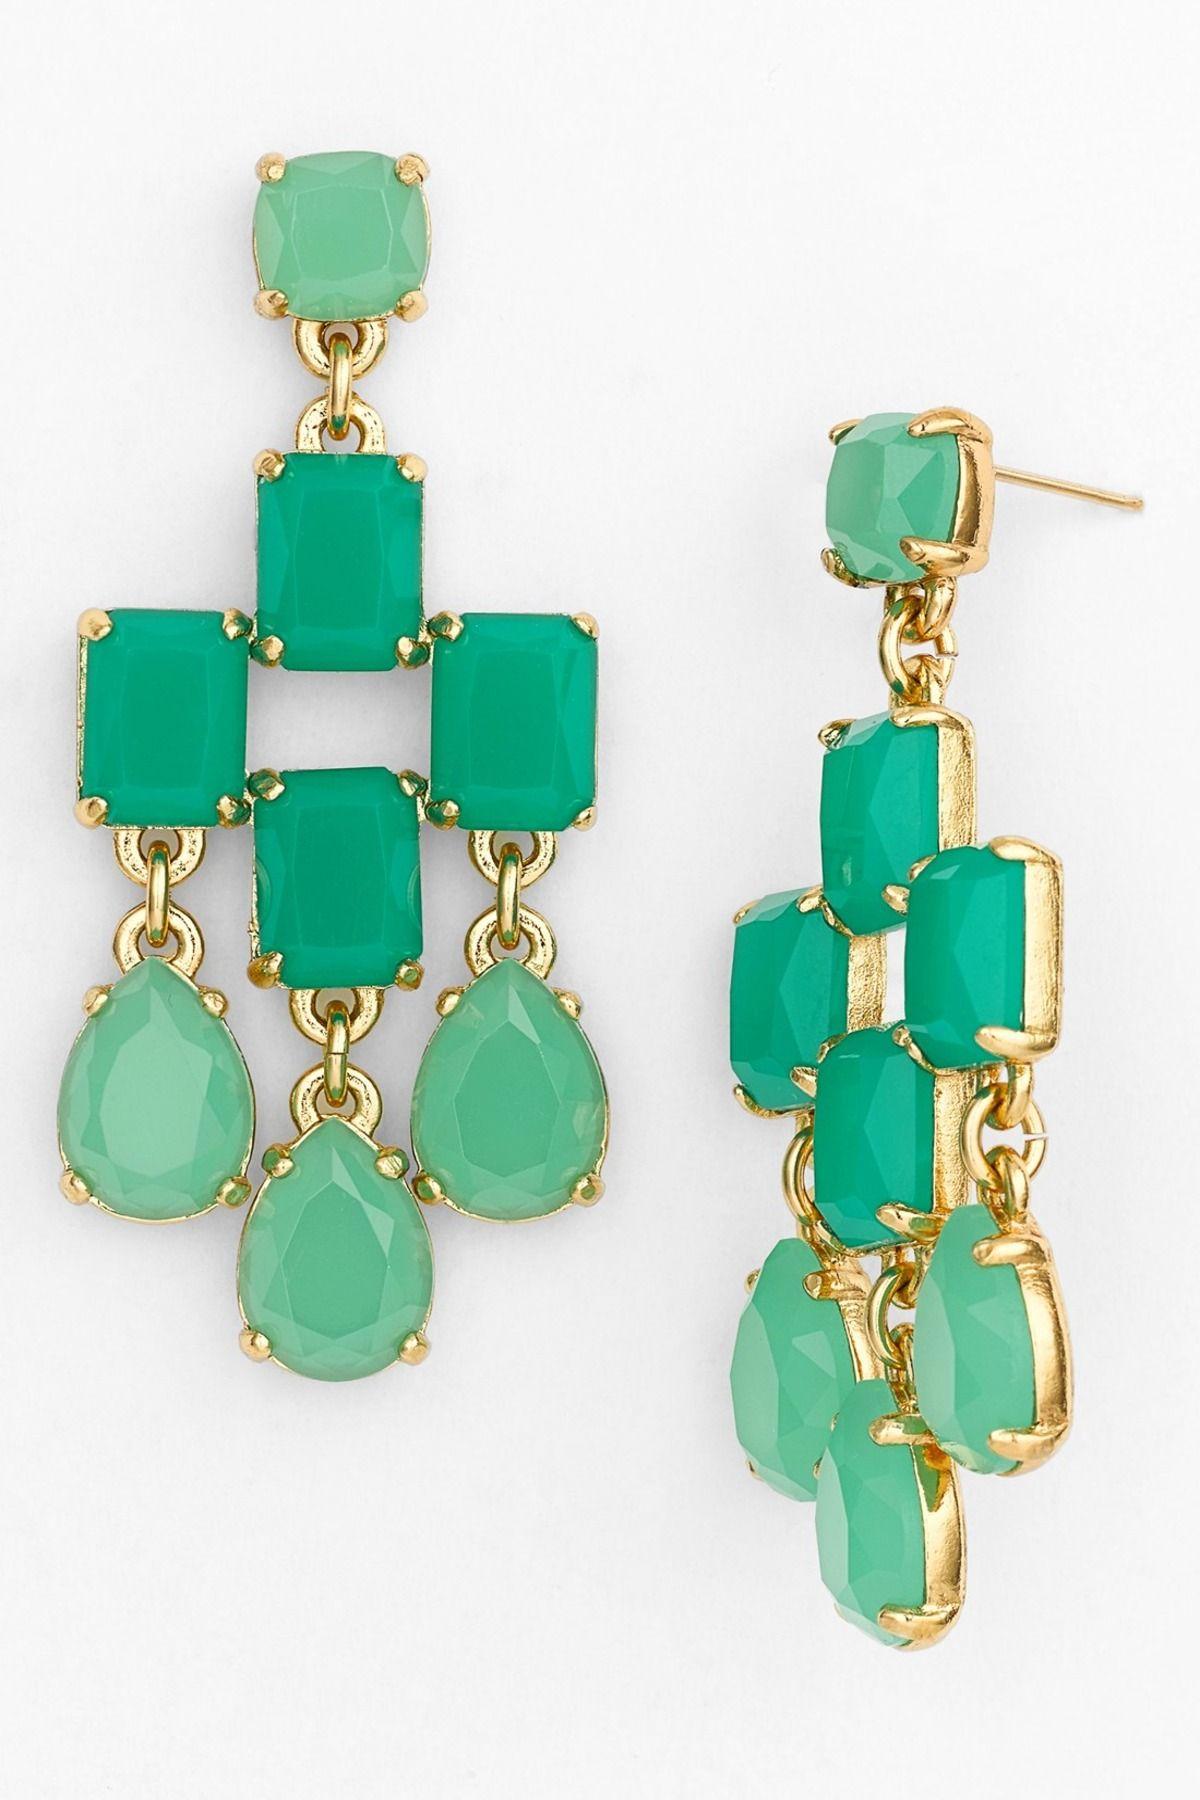 Branton square stone chandelier earrings earrings pinterest kate spade new york branton square stone chandelier earrings nordstrom exclusive arubaitofo Choice Image